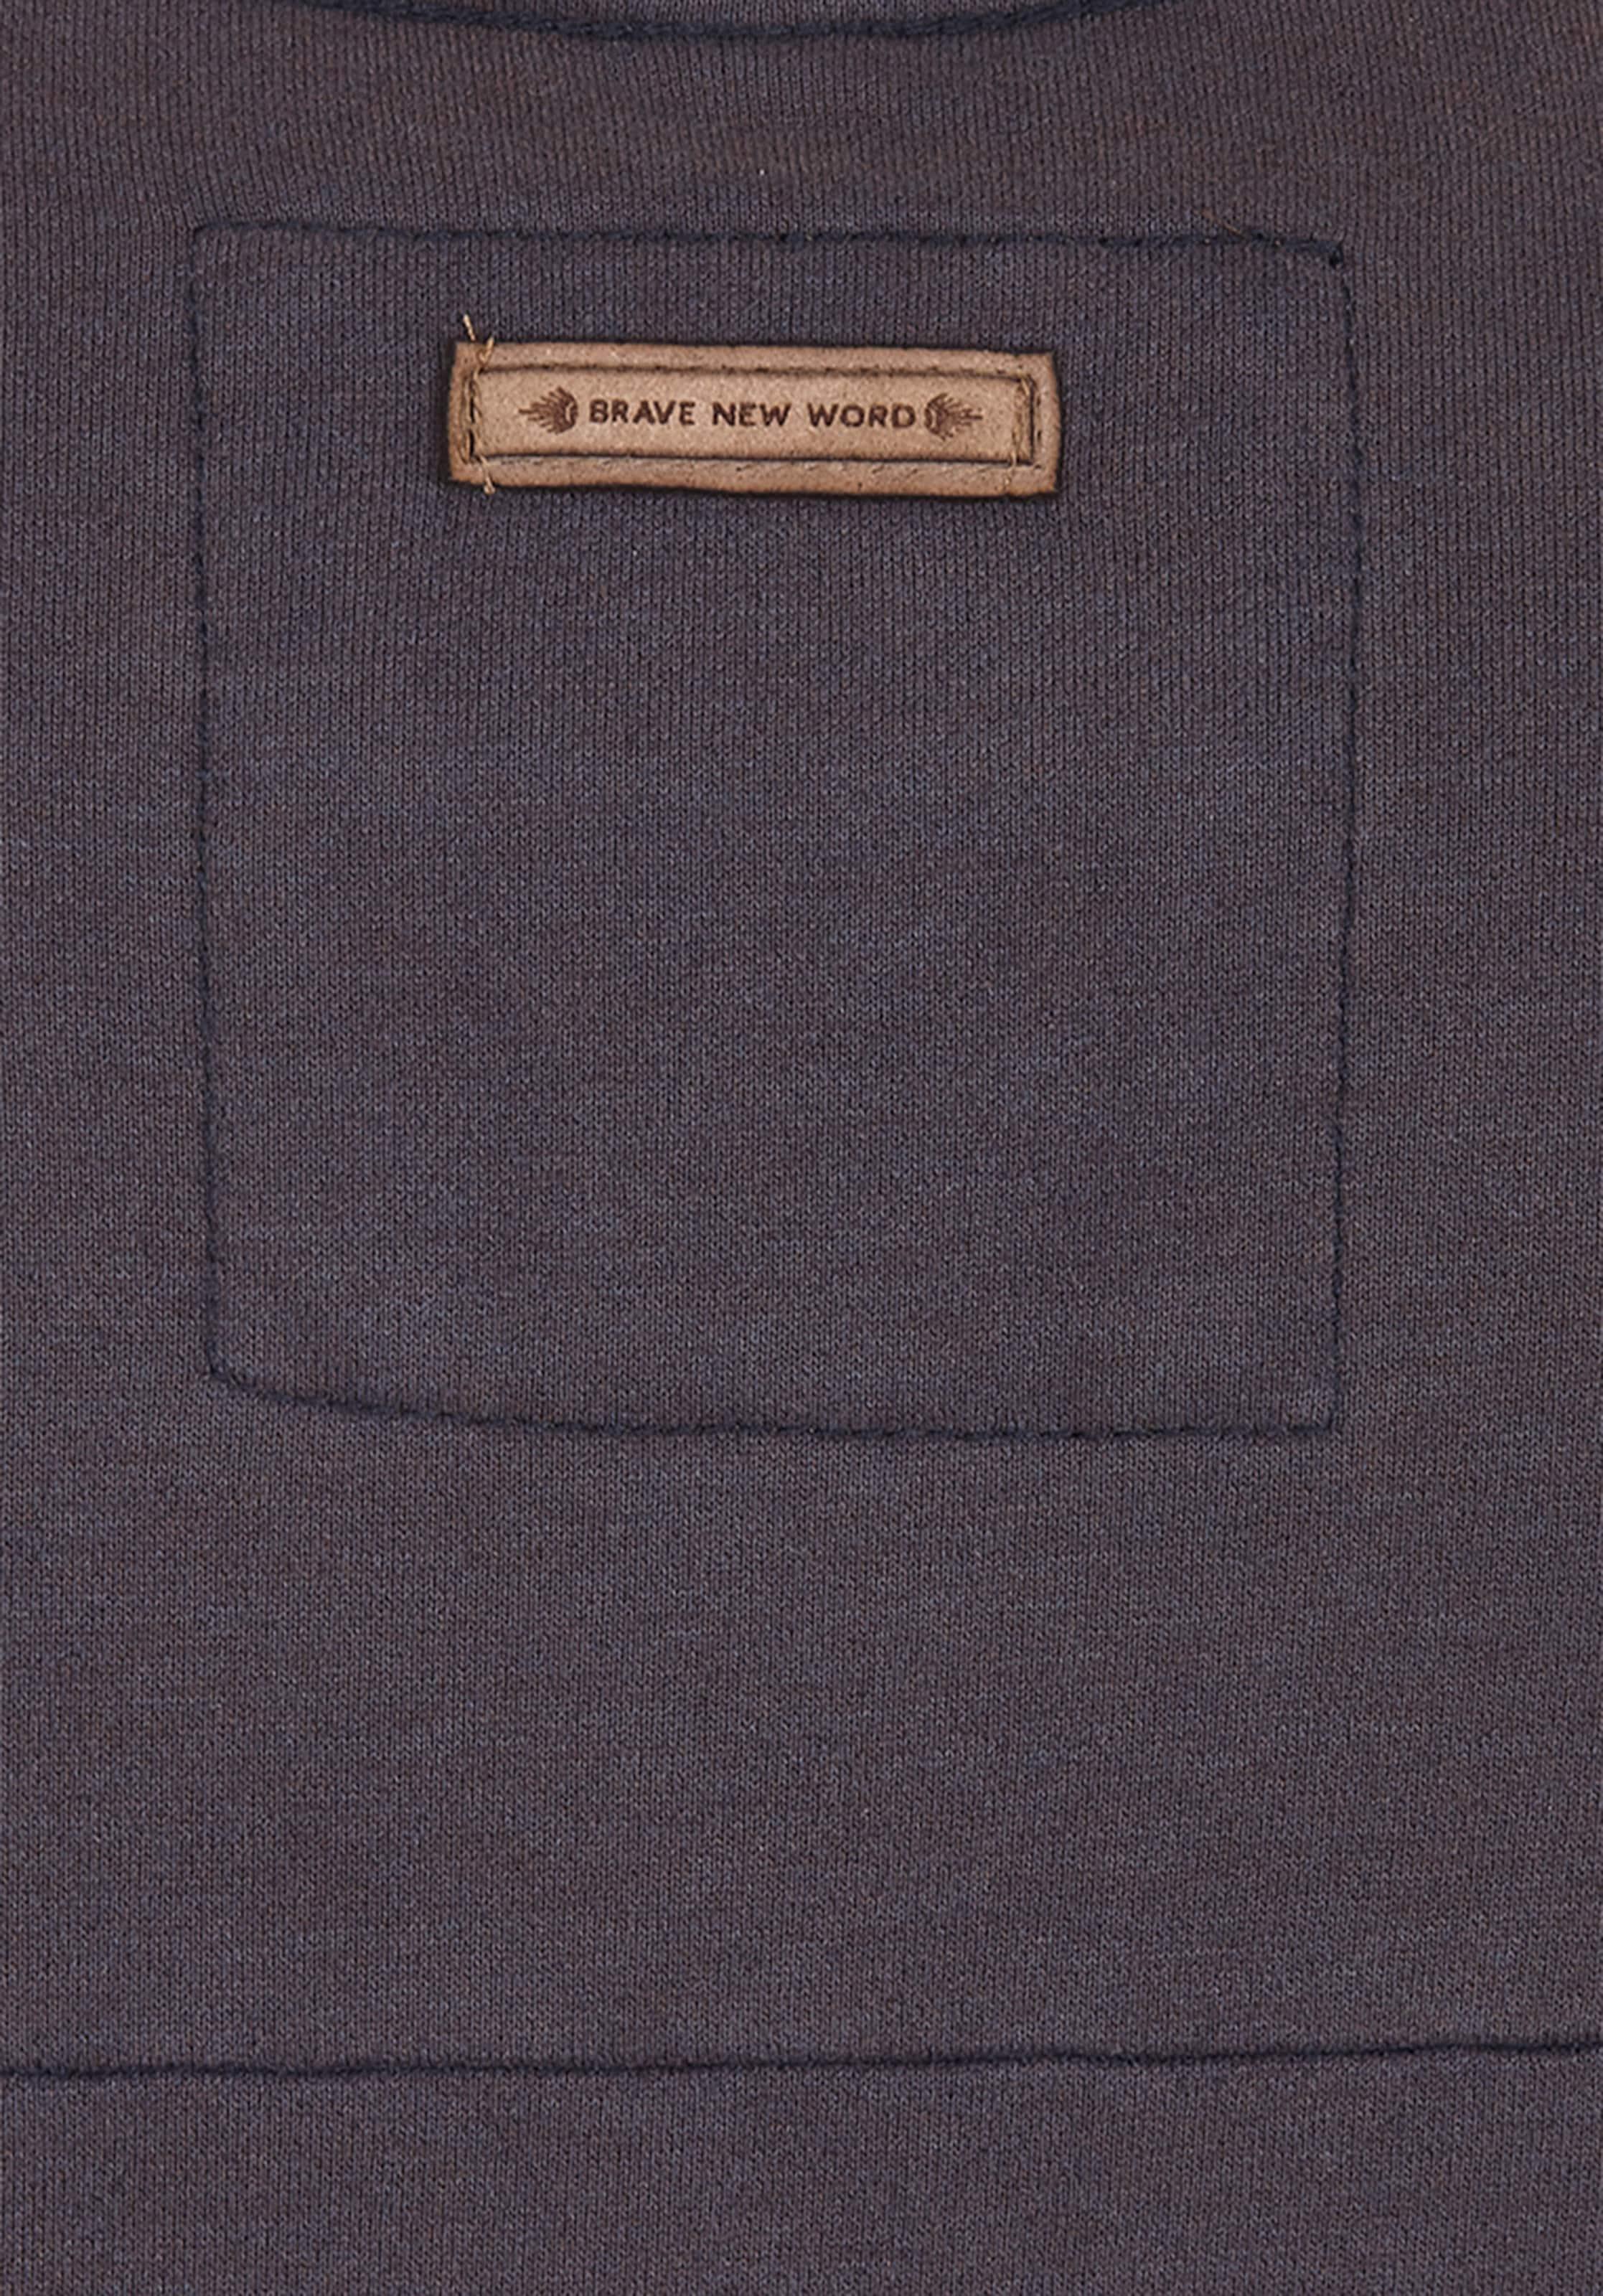 Sweatshirt Naketano Sweatshirt In Brombeer In Naketano mN8w0vnOy